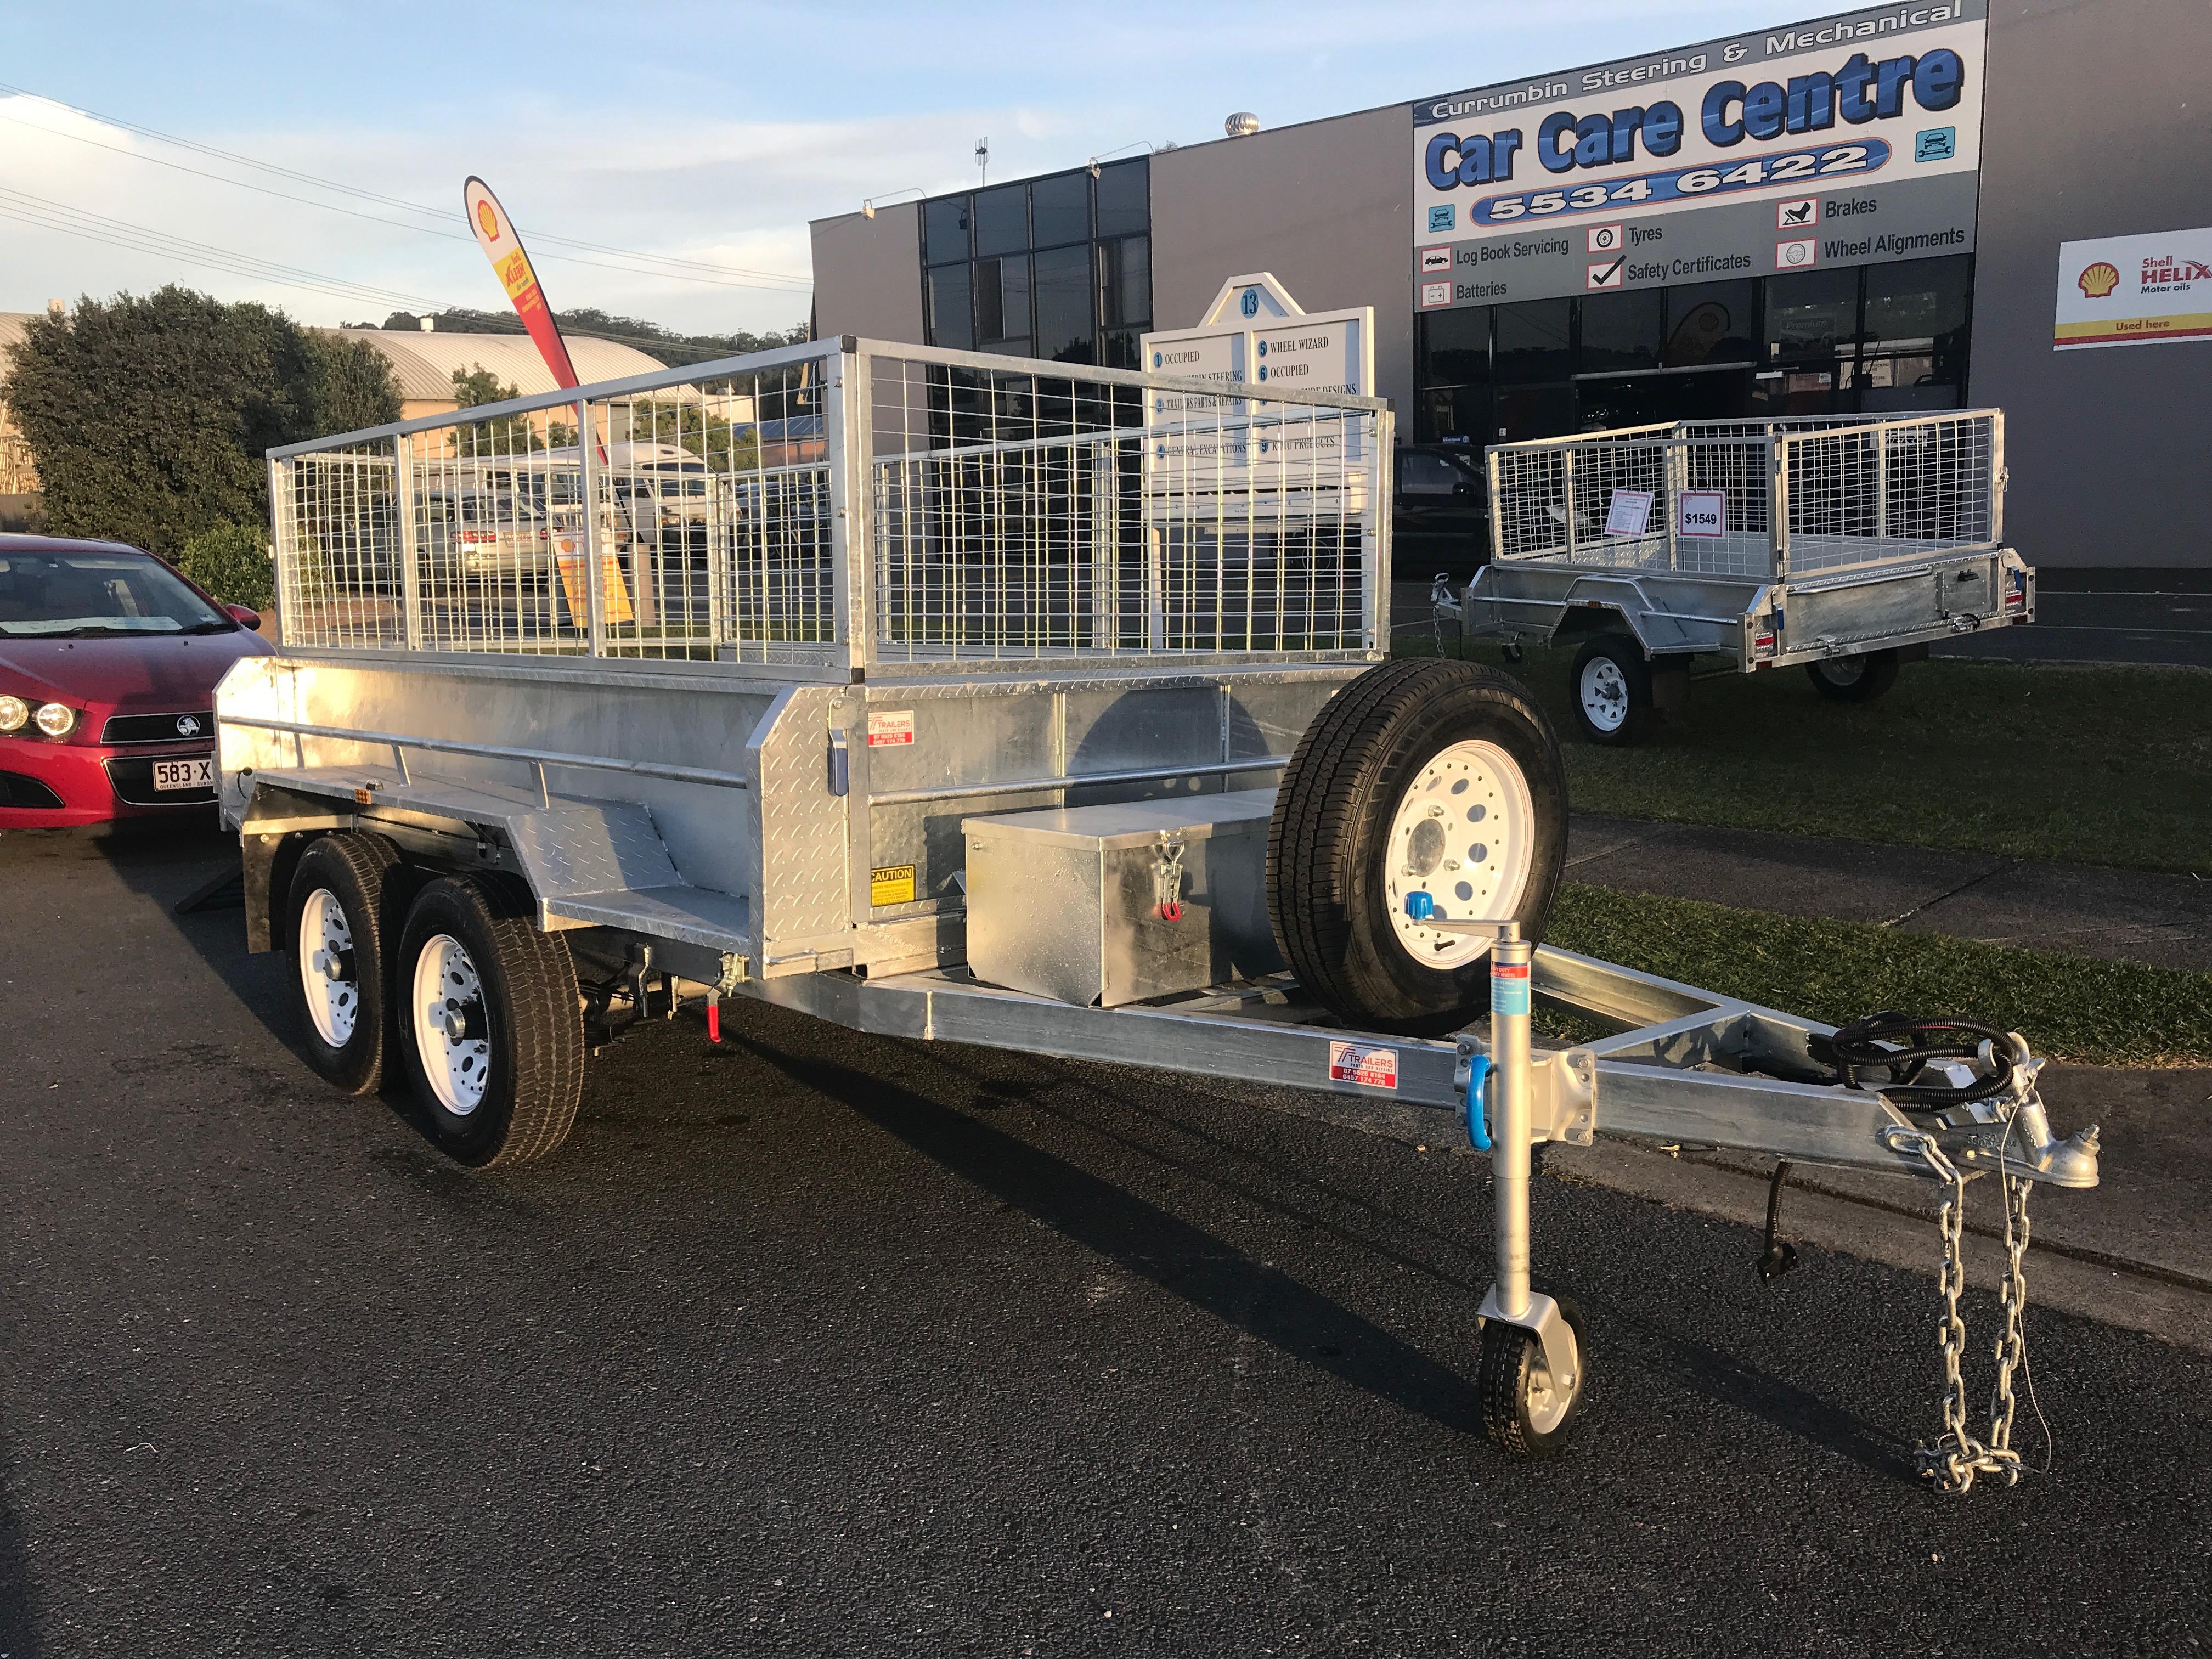 10 x 6 Hydraulic Tipping Trailer, Dual Axle, Heavy Duty, 3500kg ATM